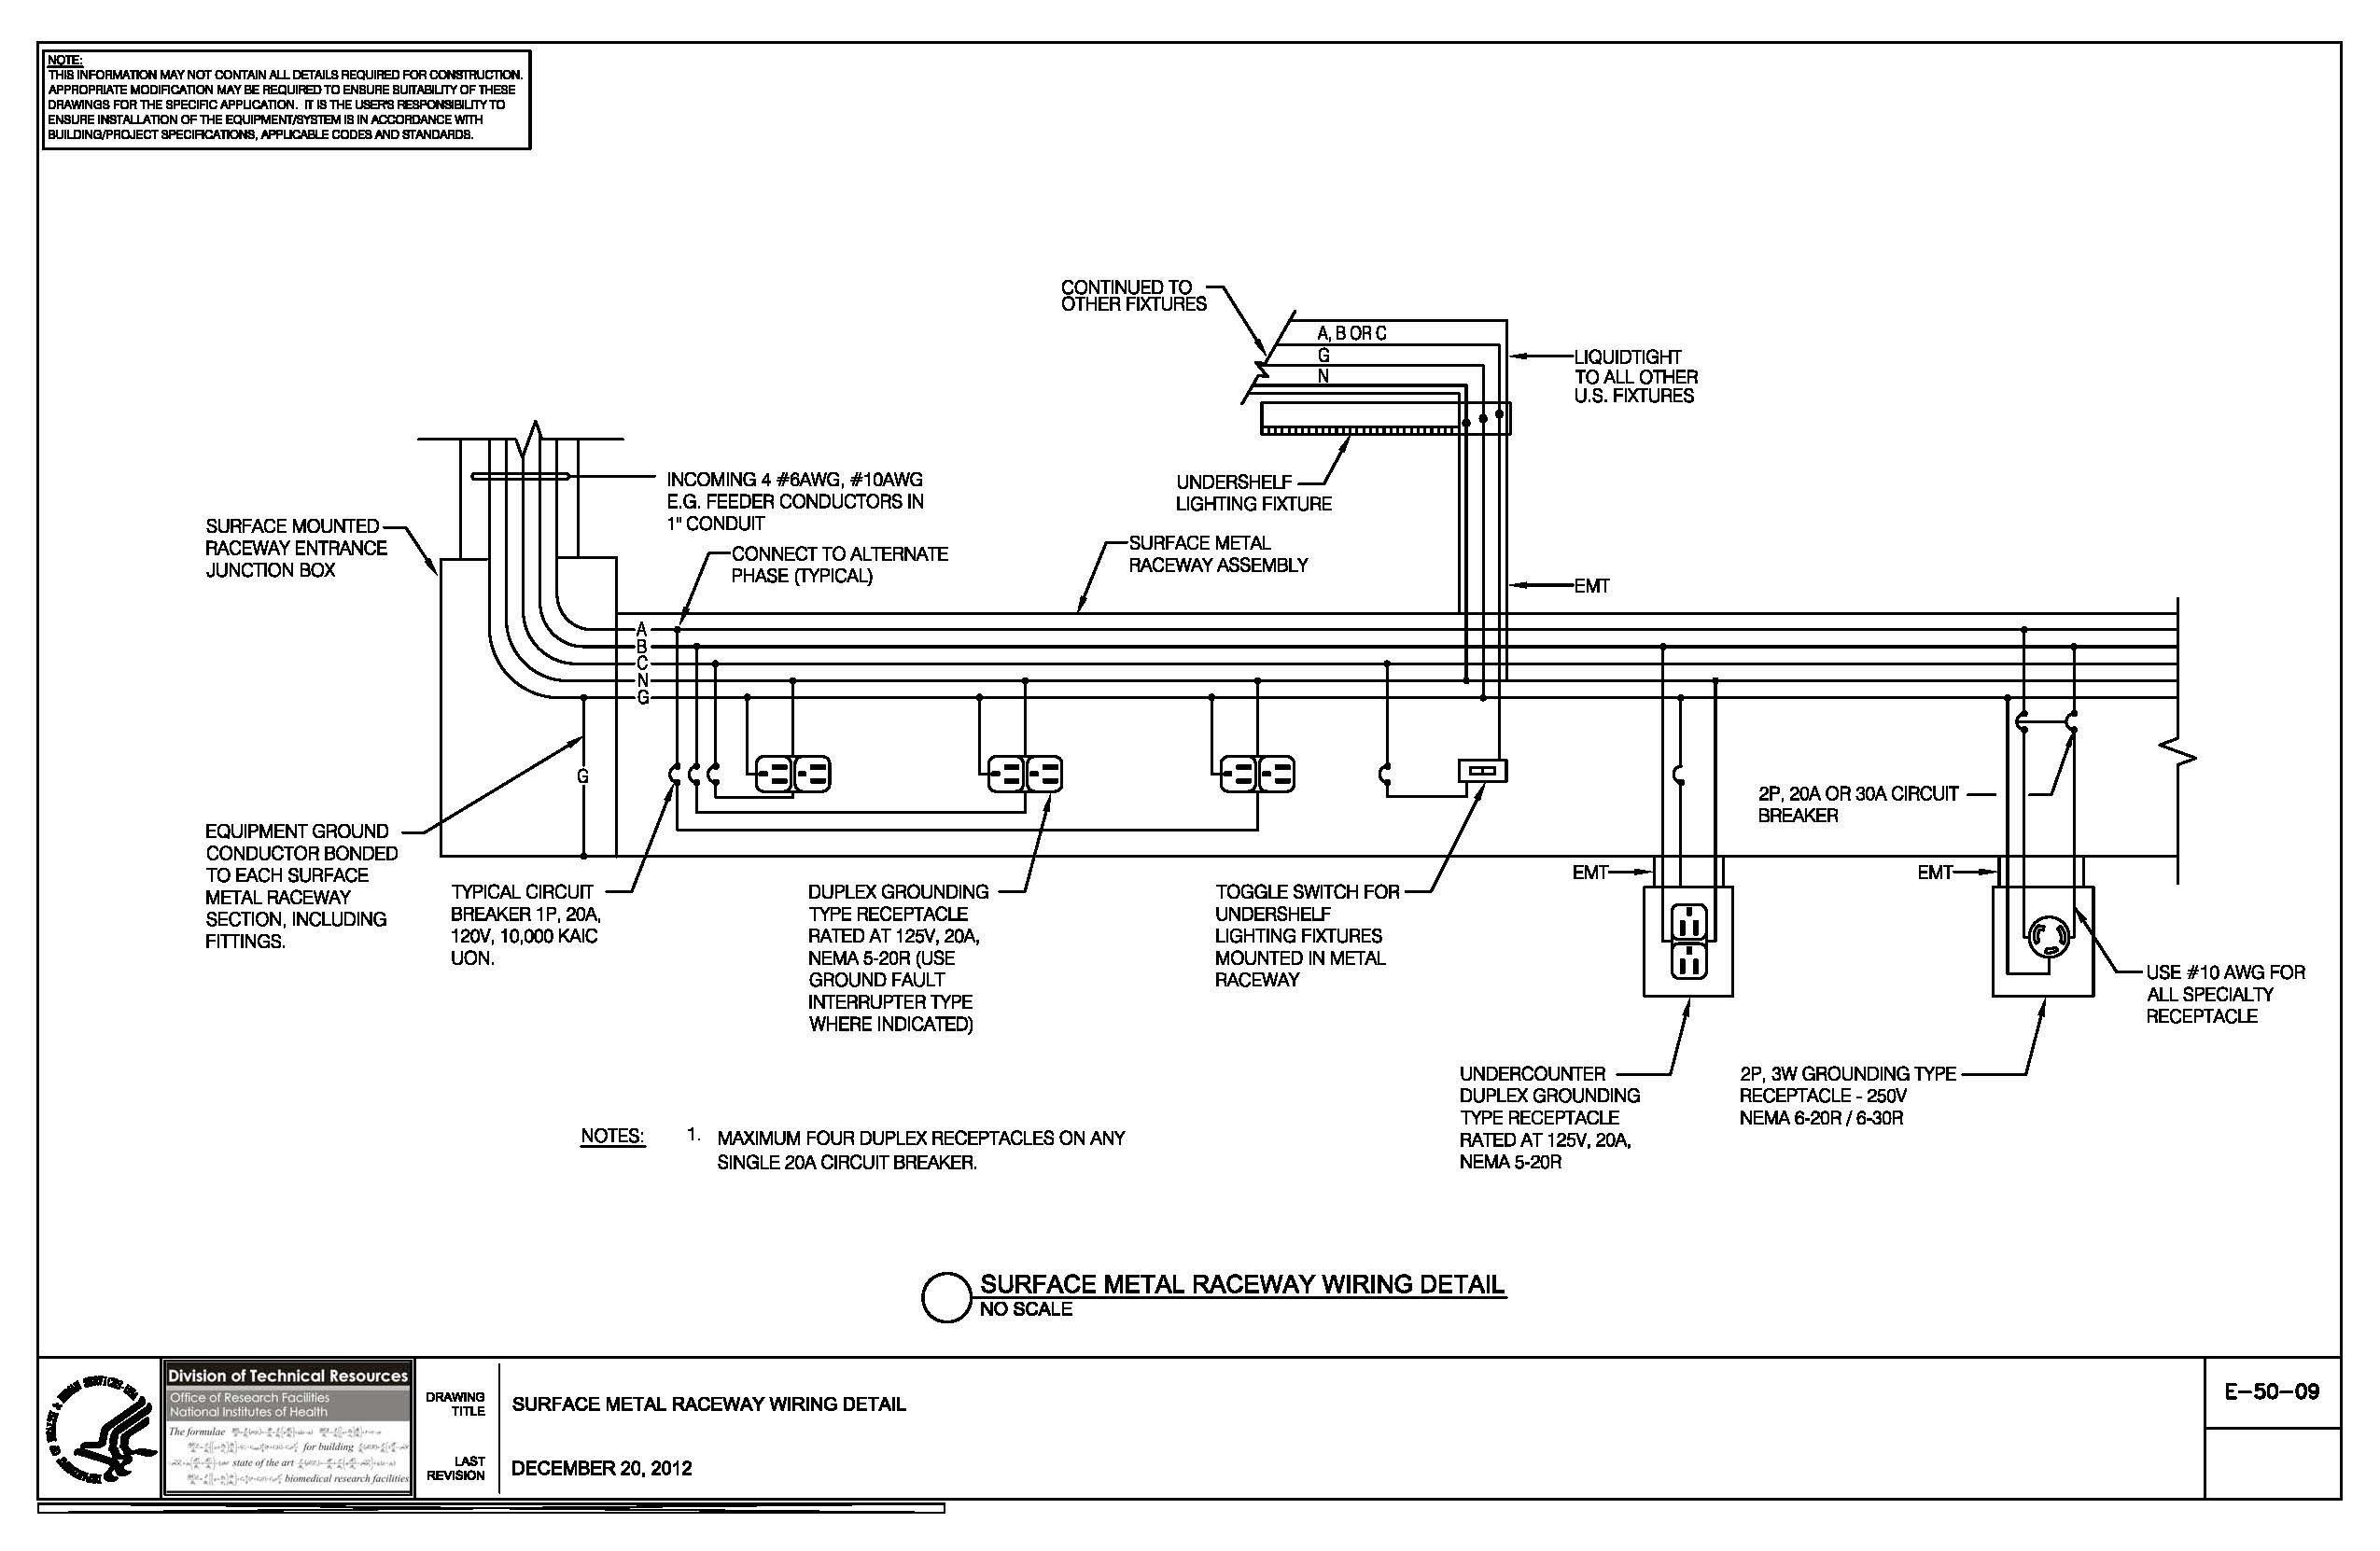 swimming pool electrical wiring diagram Download-swimming pool wiring diagram Collection of E 50 09 Surface Metal Raceway Wiring Detail NIH DOWNLOAD Wiring Diagram Detail Name swimming pool 12-m